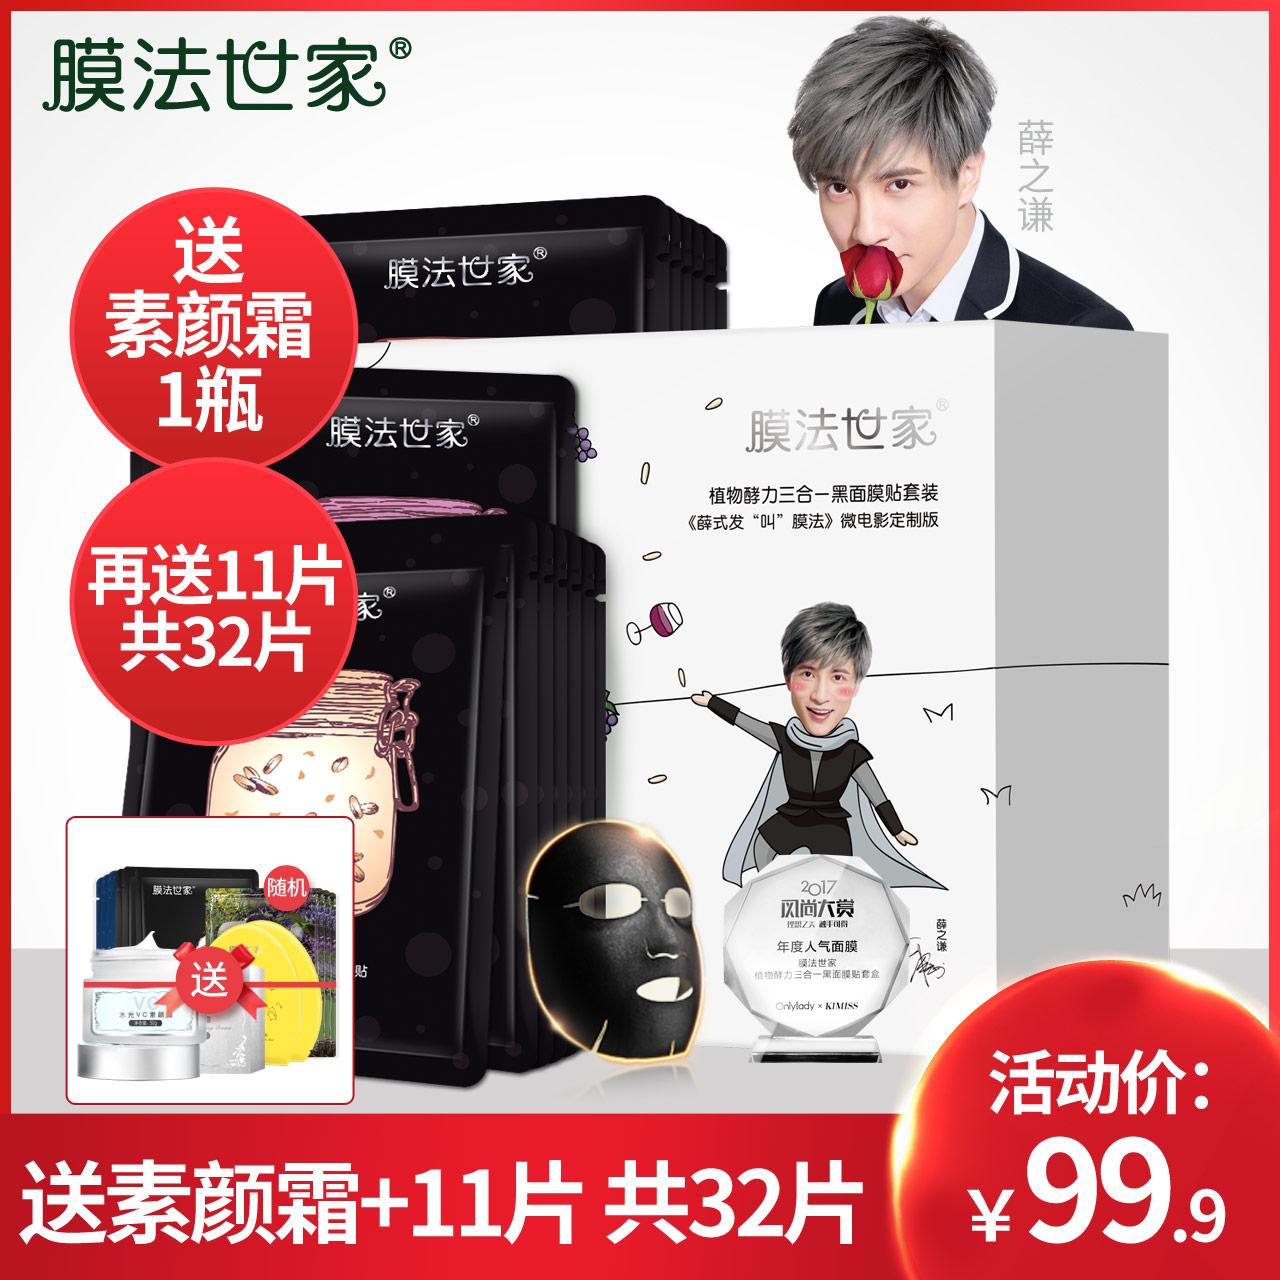 Купить Косметические средства в Китае, в интернет магазине таобао на русском языке